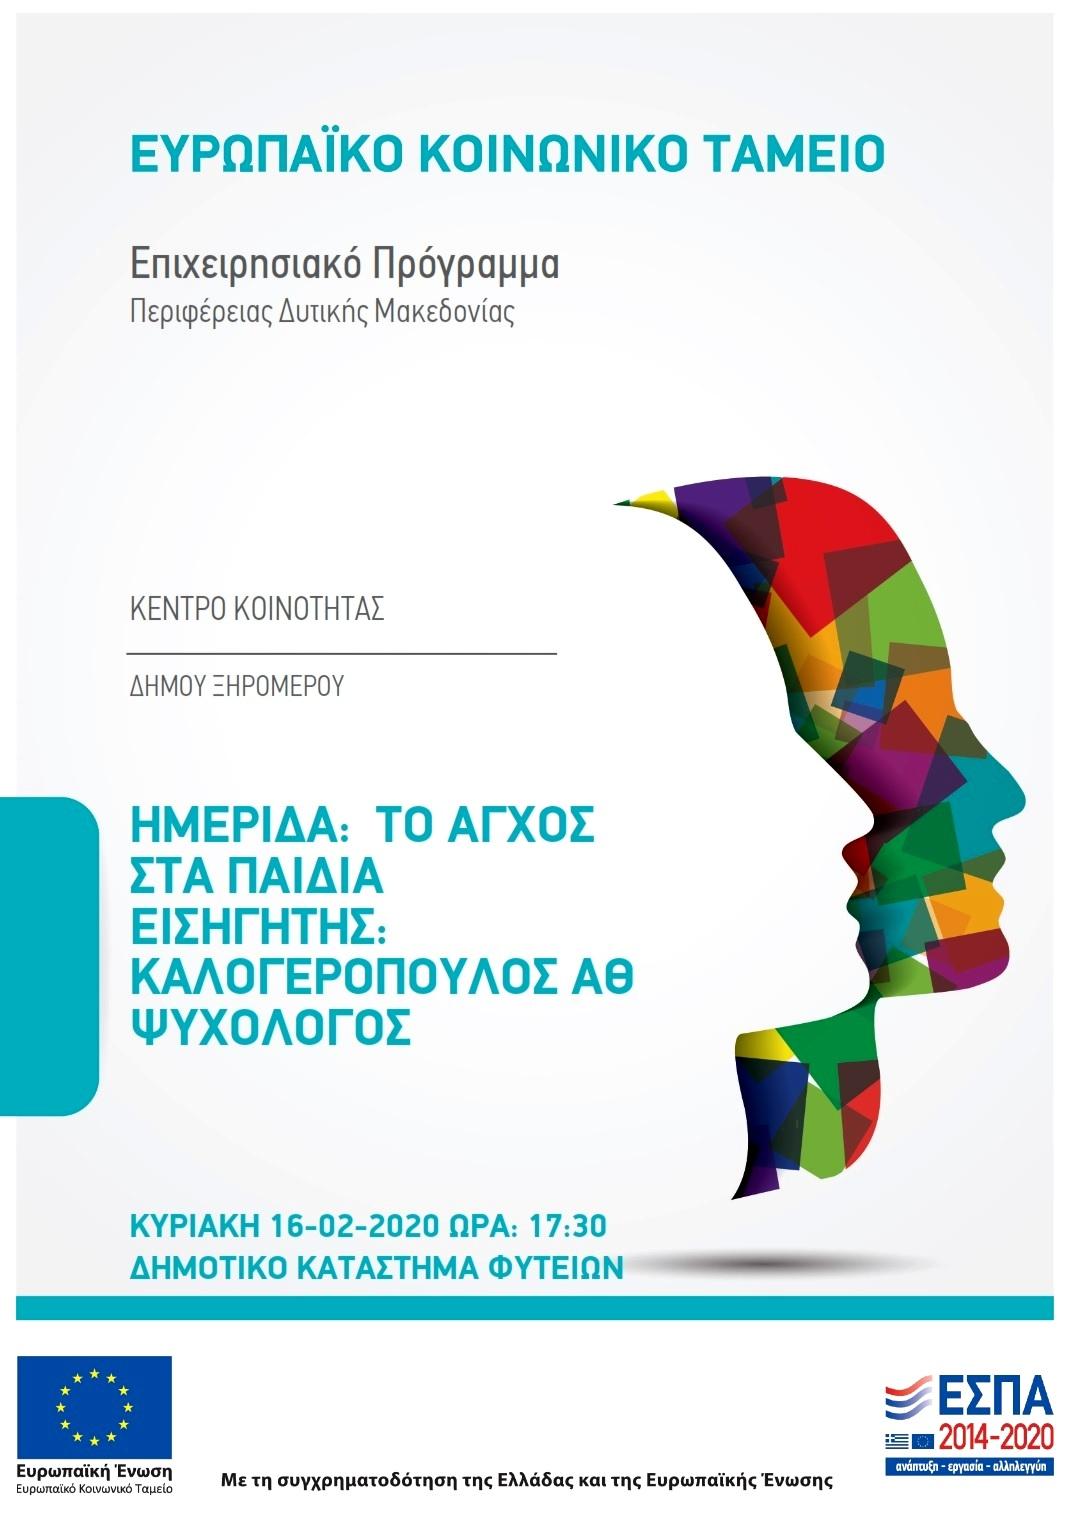 Διοργάνωση ημερίδας από το Κέντρο Κοινότητας Δήμου Ξηρομέρου.